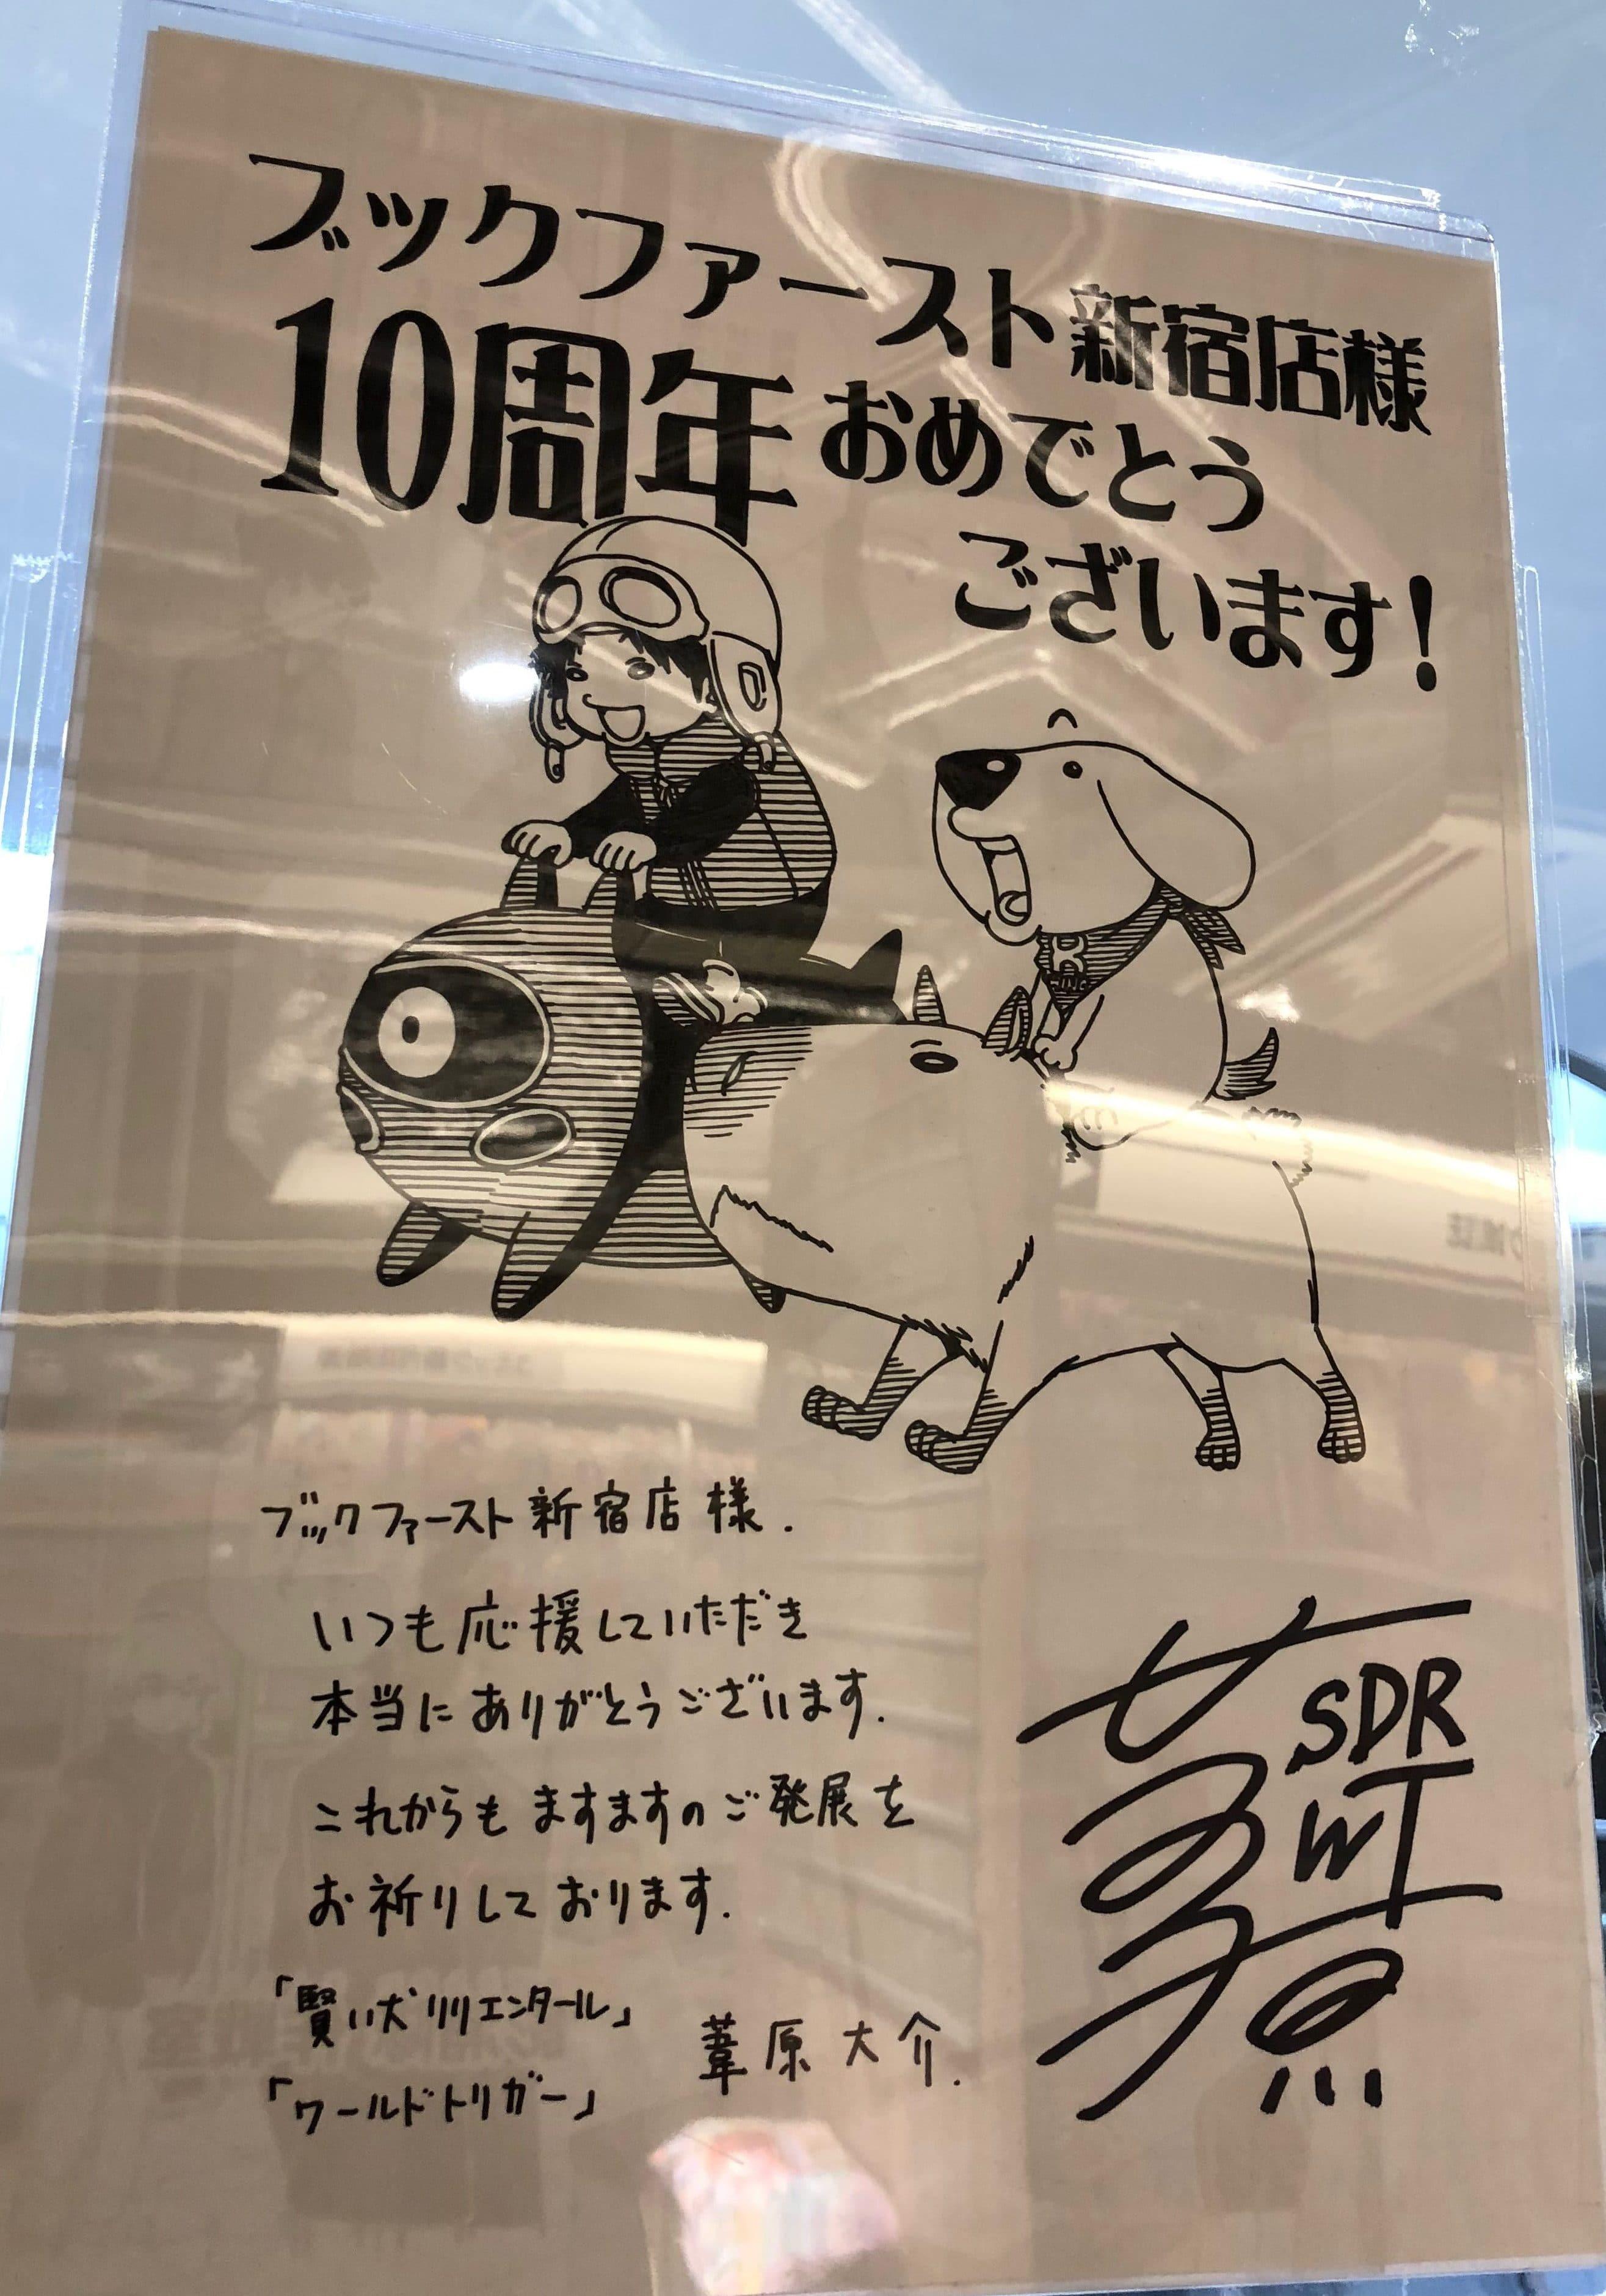 【ワールドトリガー】ブックファースト新宿店にて複製原画を拝む